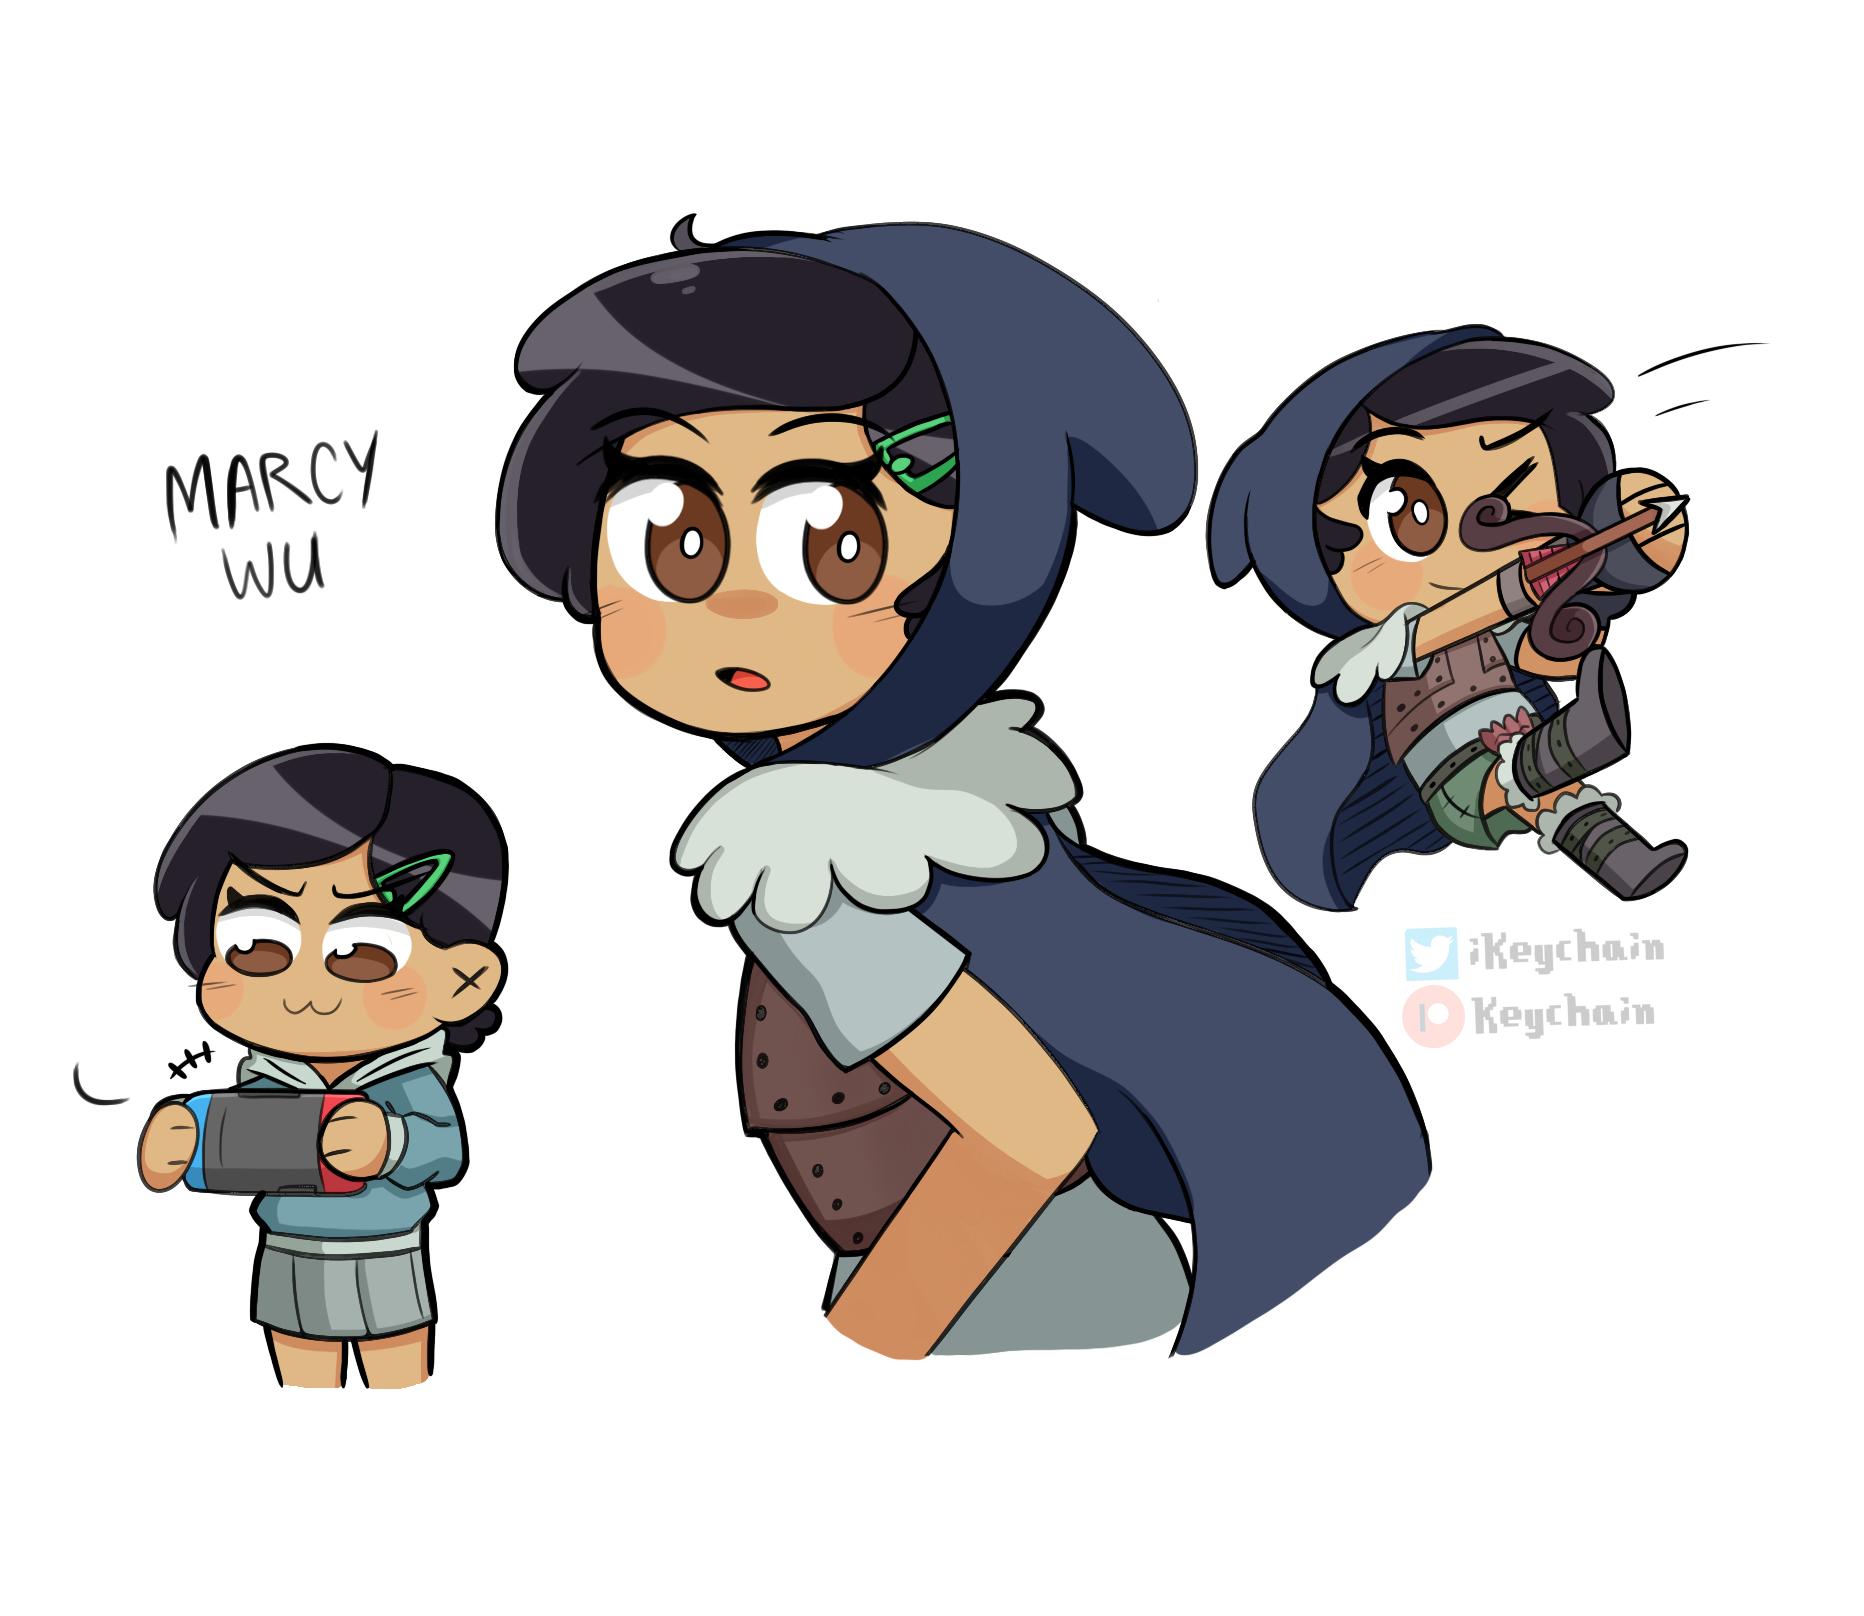 Marcy Wu